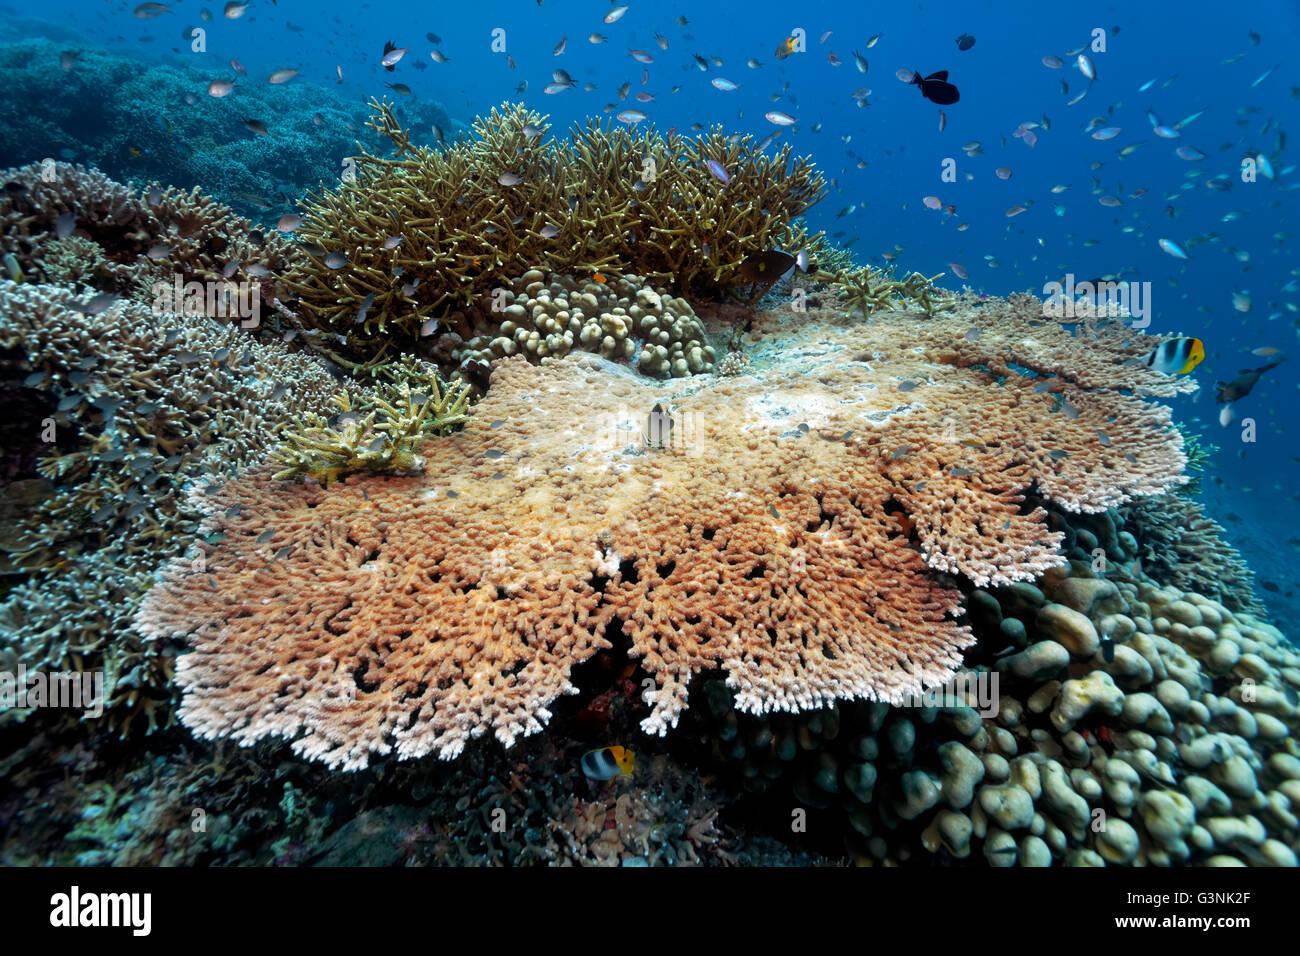 Coral reef, various stony corals (Hexacorallia) and reef fish, Wakatobi Island, Tukangbesi Archipelago, Wakatobi - Stock Image